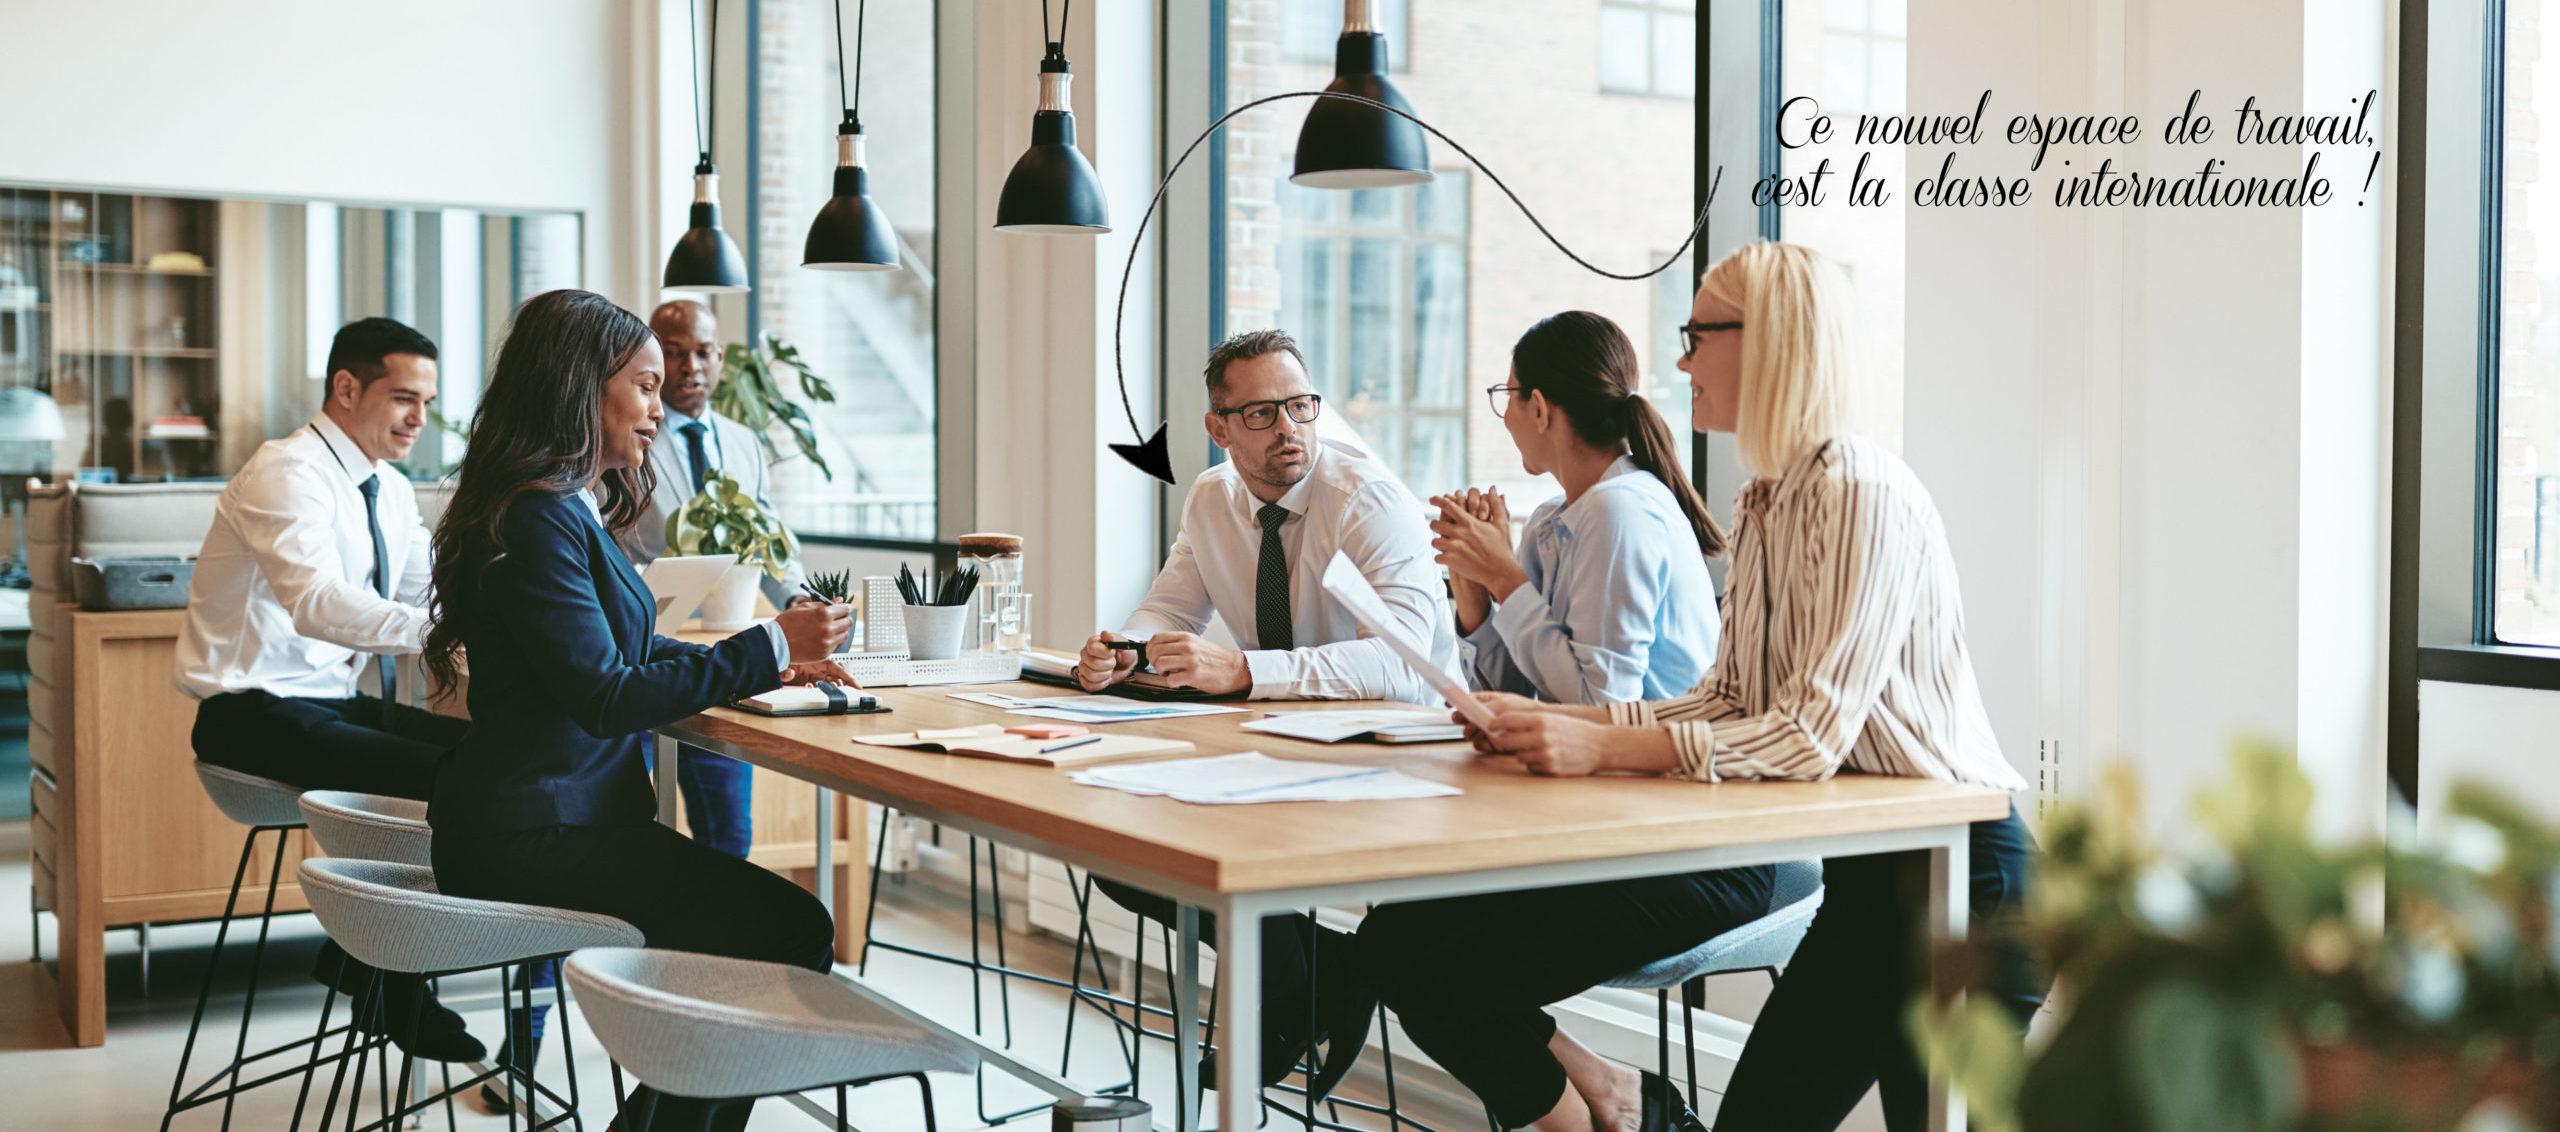 Le décor de Jules - Décoratrice d'intérieur- Aménagement et décoration pour professionnels - Lille - Aménagement des espaces de travail